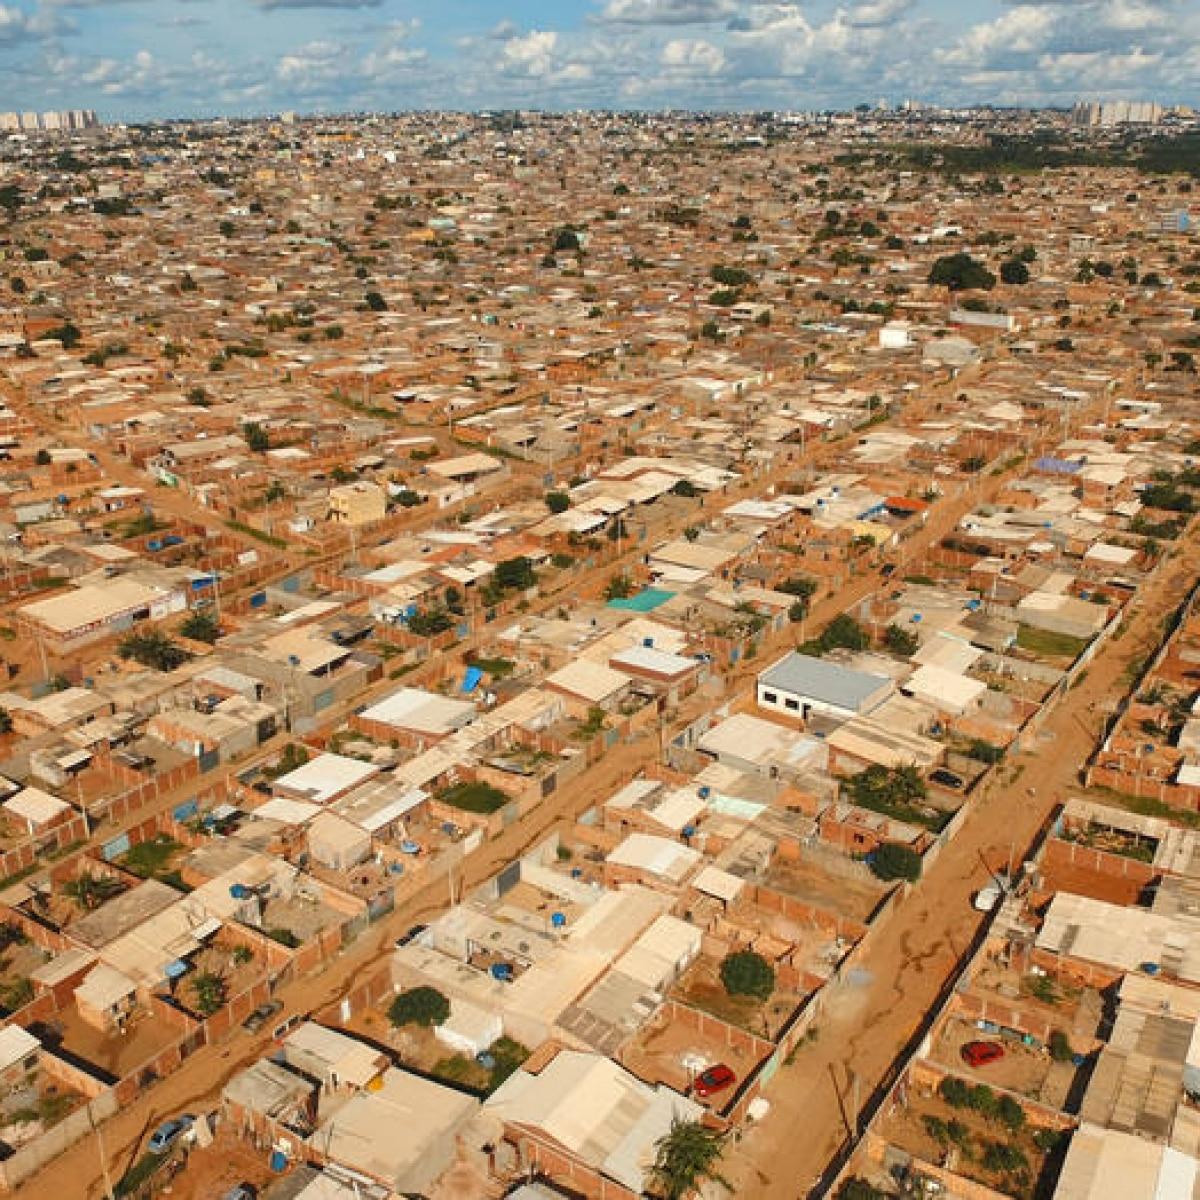 Sol Nascente  a grilagem de terra em uma das maiores favelas da América  Latina - Brasil - Estadão c07af6527a